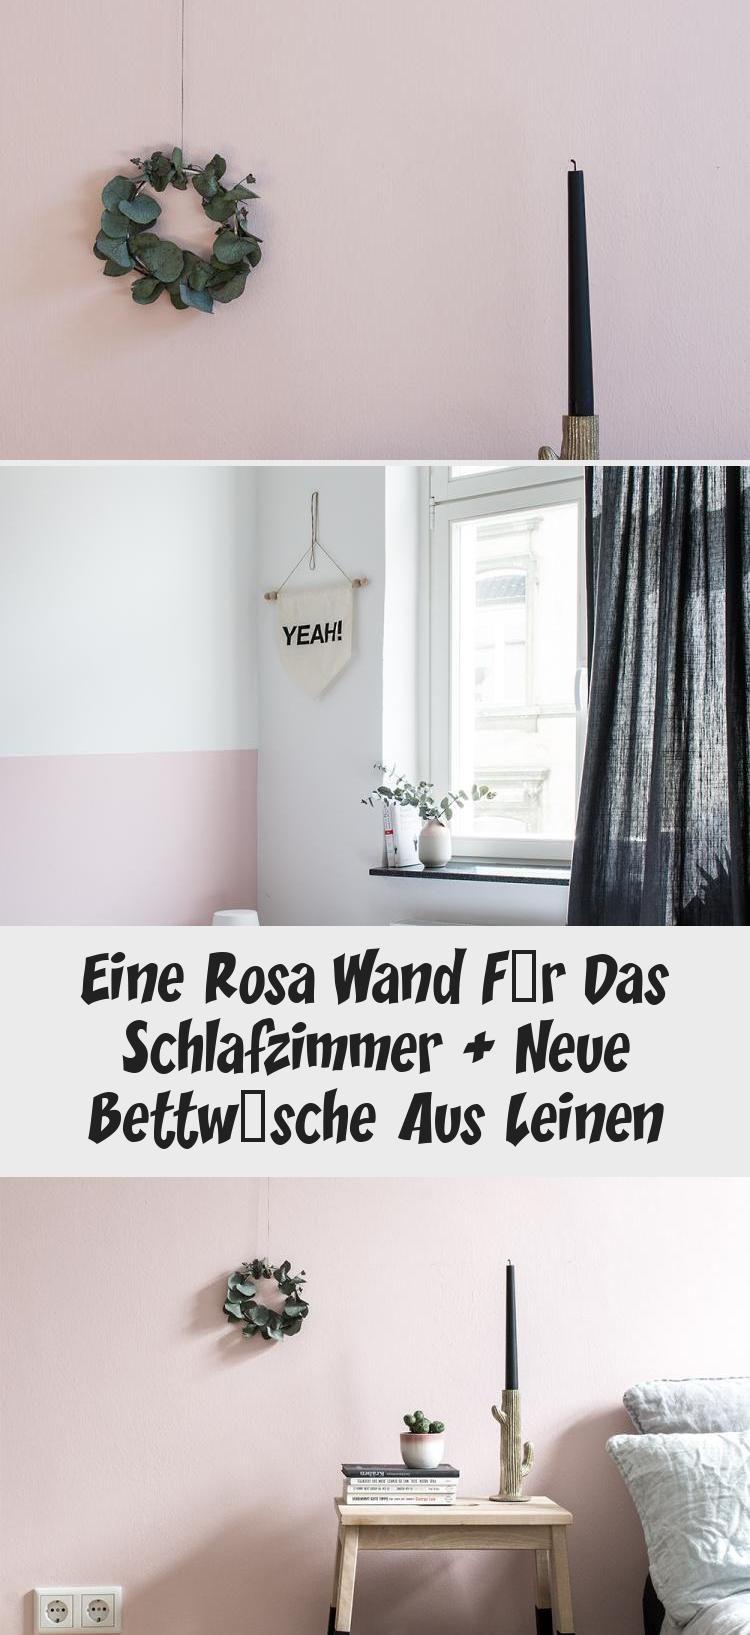 Halbhoch Rosa Die Wand Im Schlafzimmer Www Kolorat De Kolorat Wandfarbe Streichen Dekorationrosa Schlafzimmer Wandfarbe In 2020 Rosa Wande Zimmer Schlafzimmer